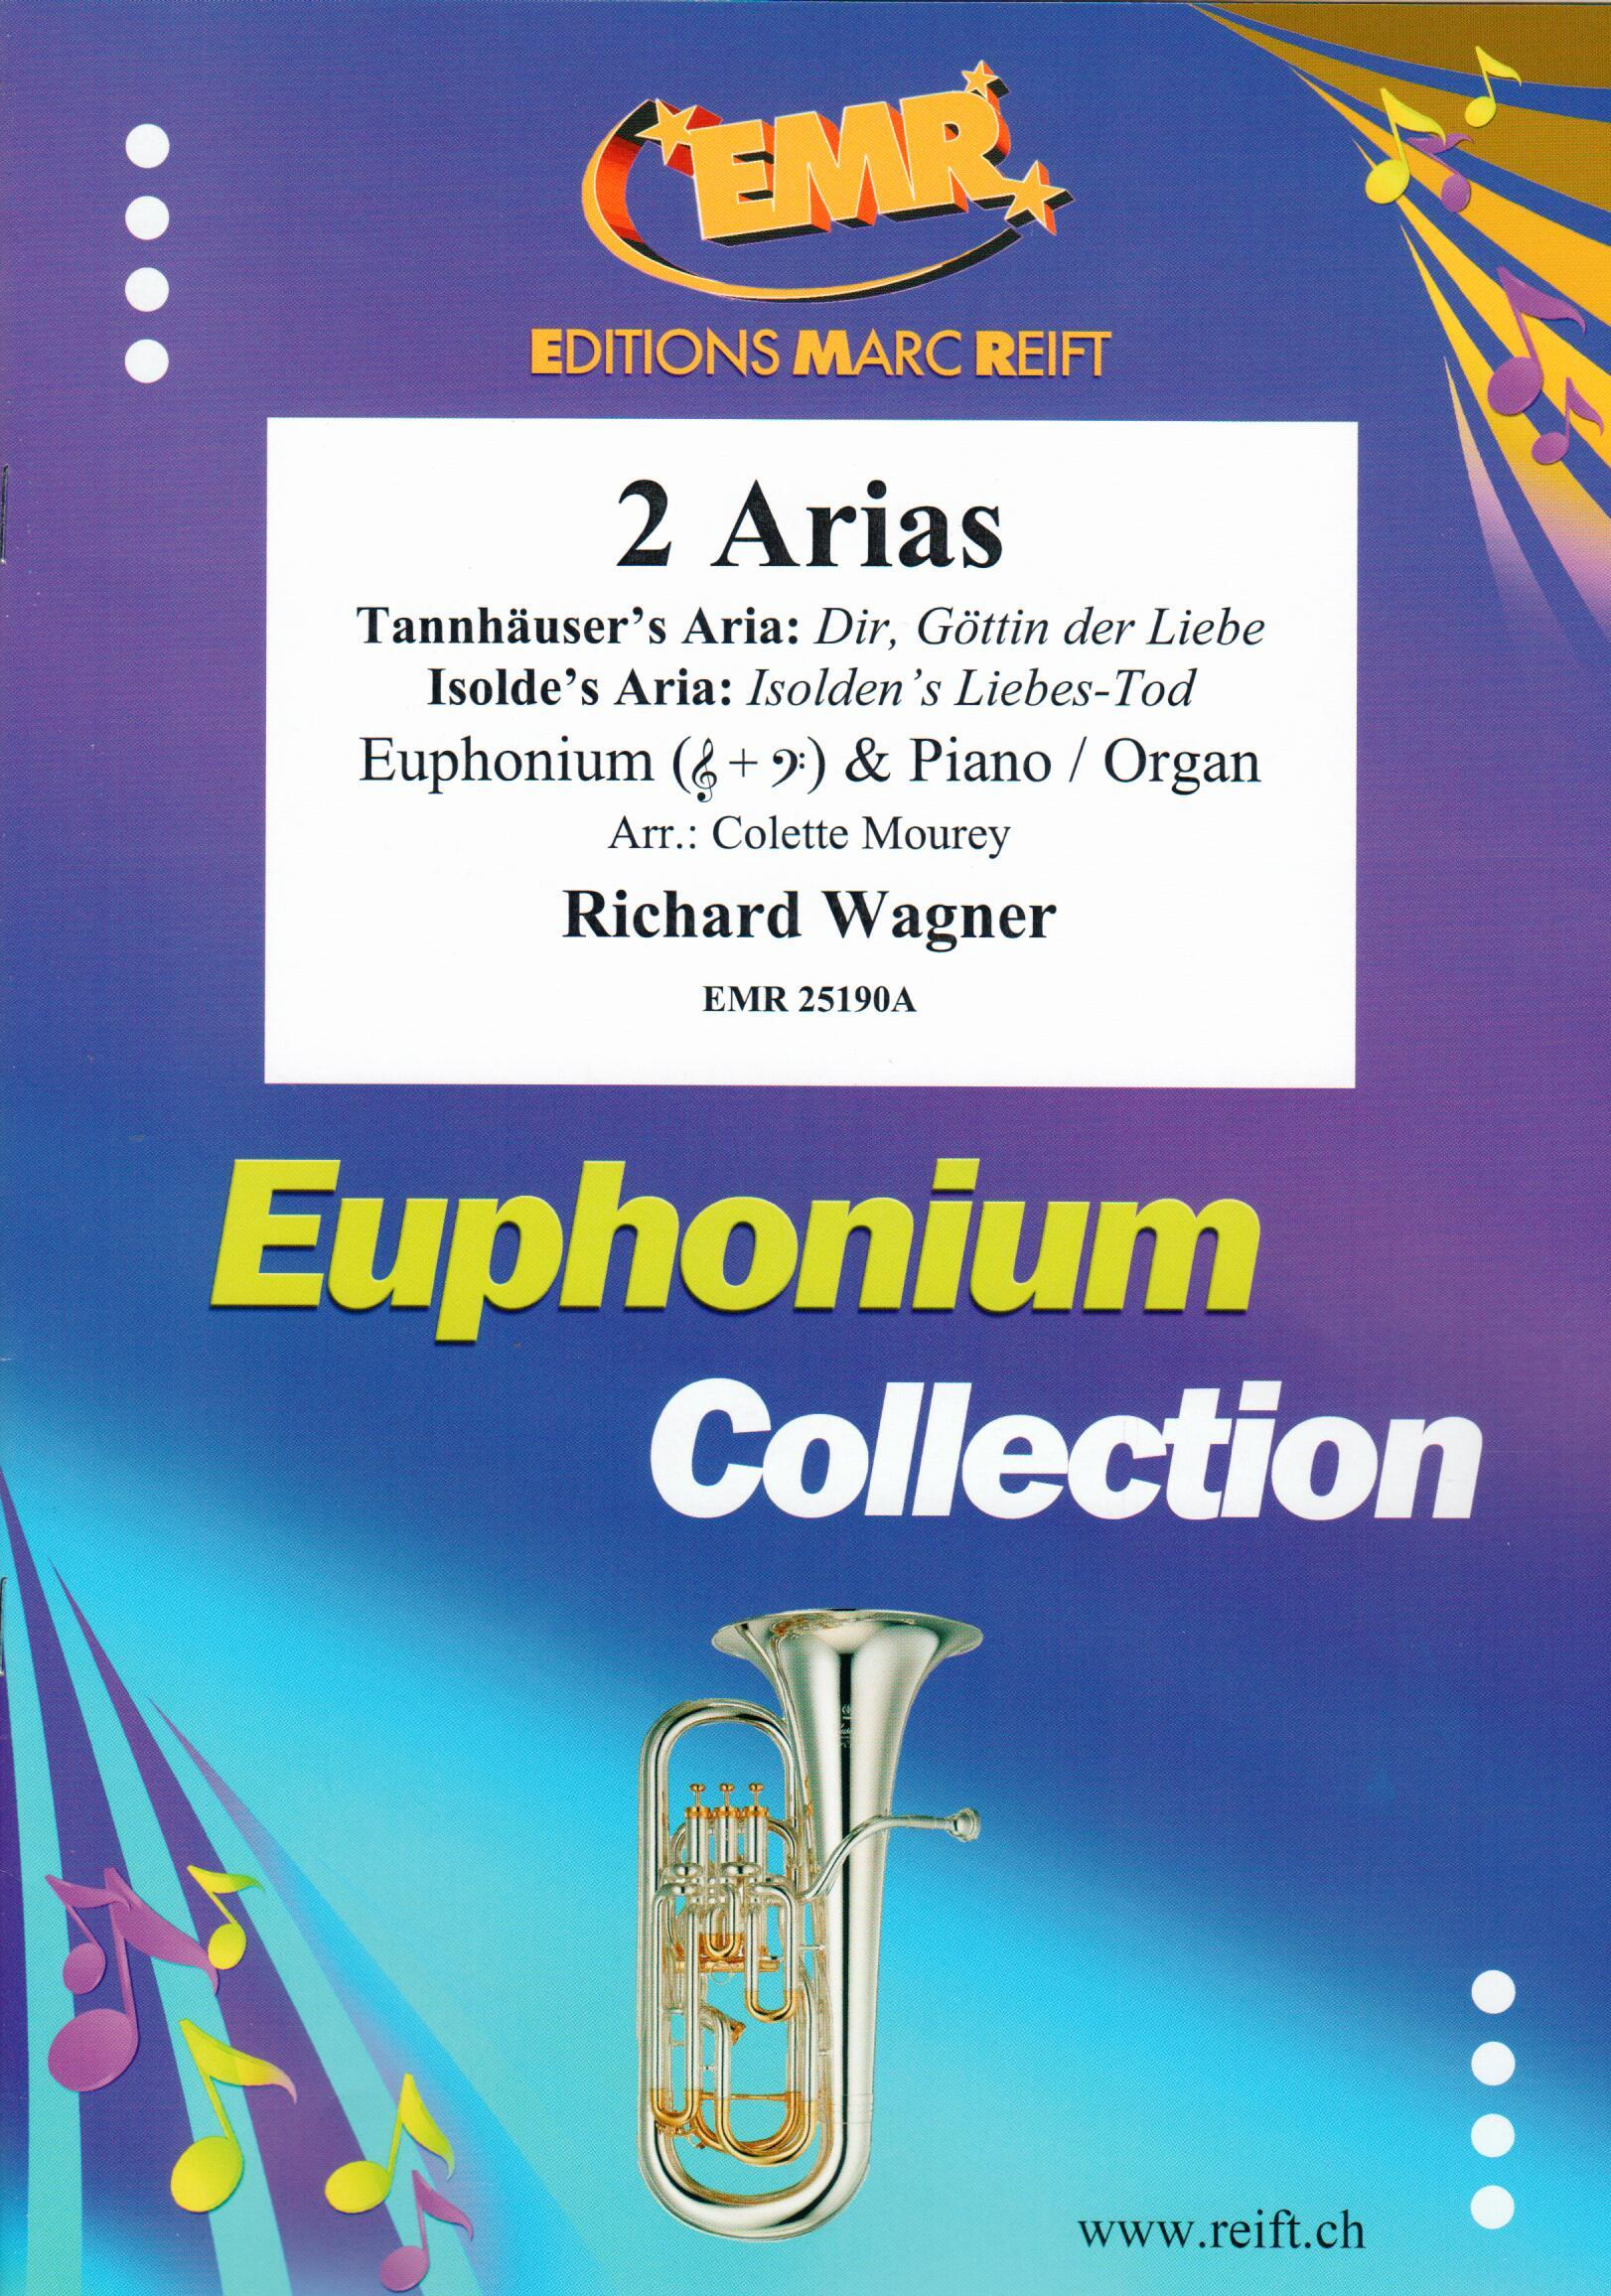 SOLOS - Euphonium - Just Music - Brass Band Sheet Music, CDs